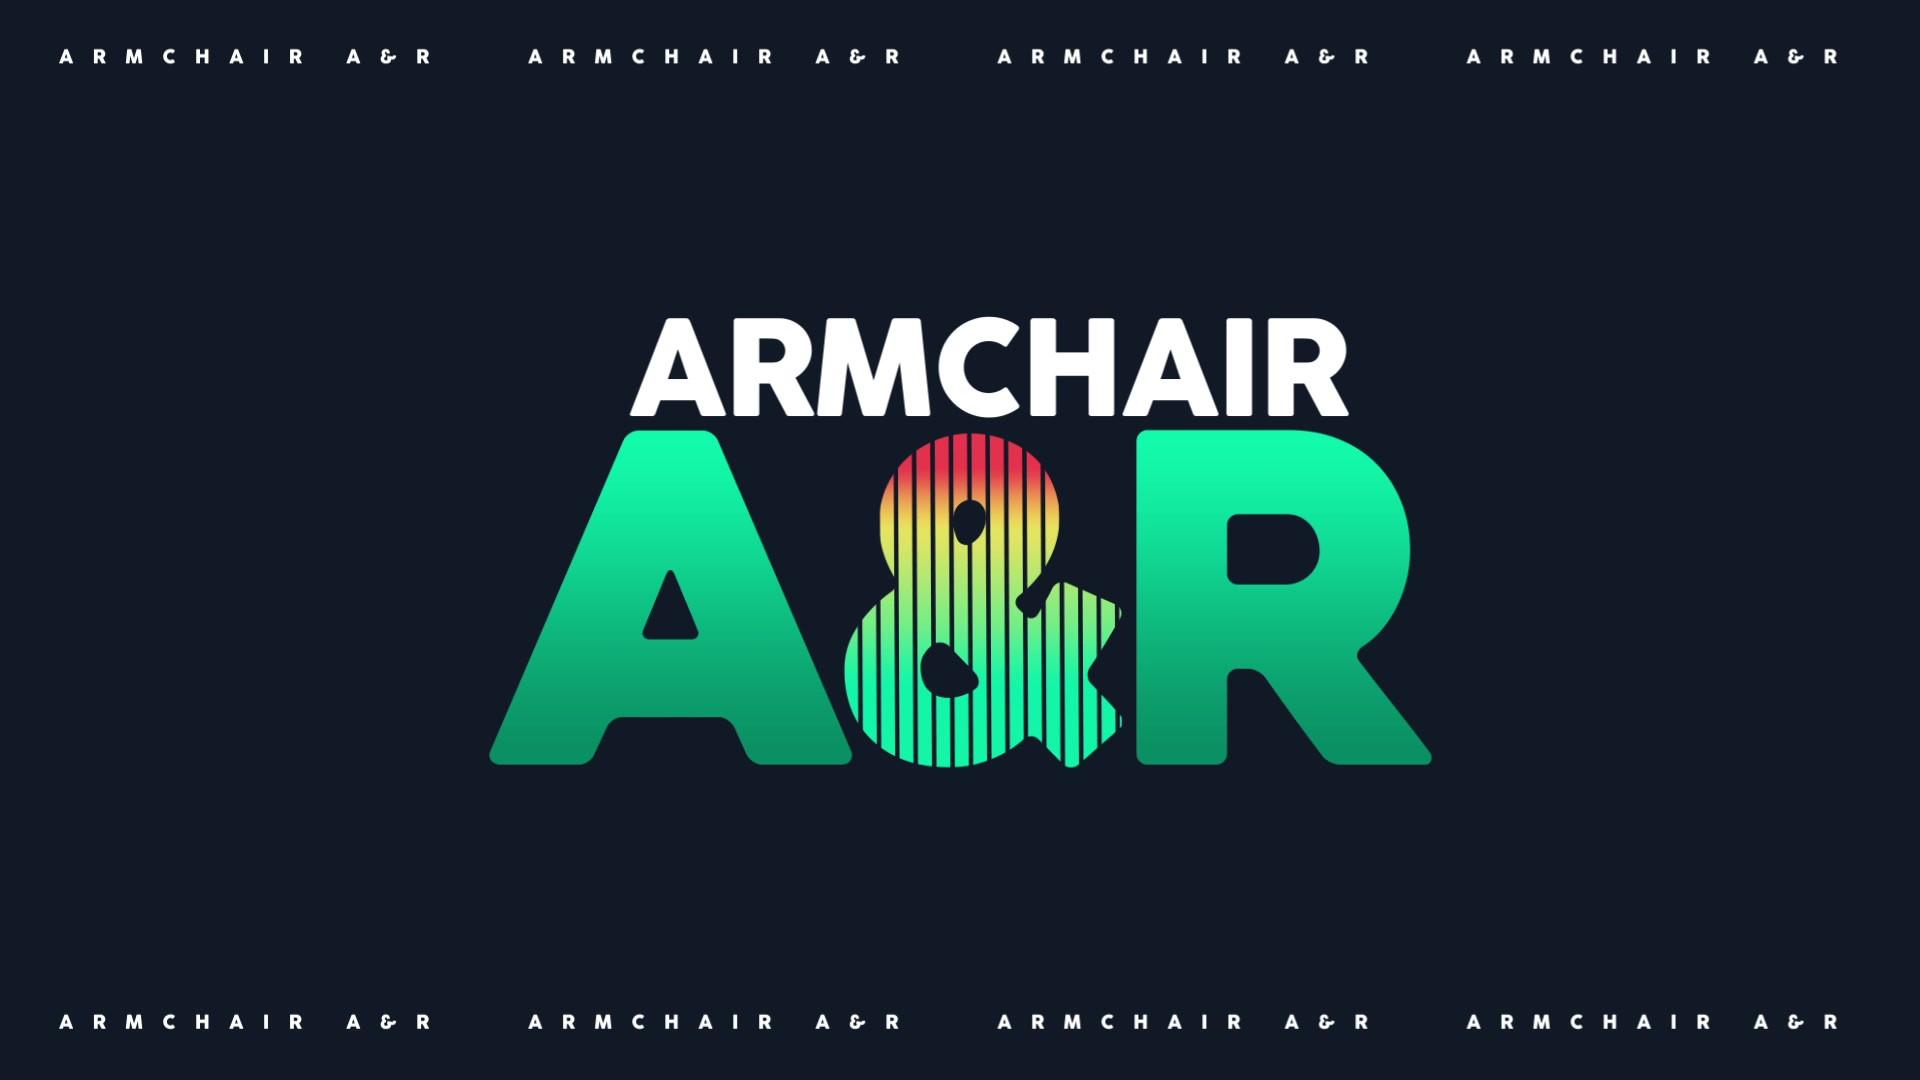 ArmChair_Logo_Animation_WIP_ 6.mp4